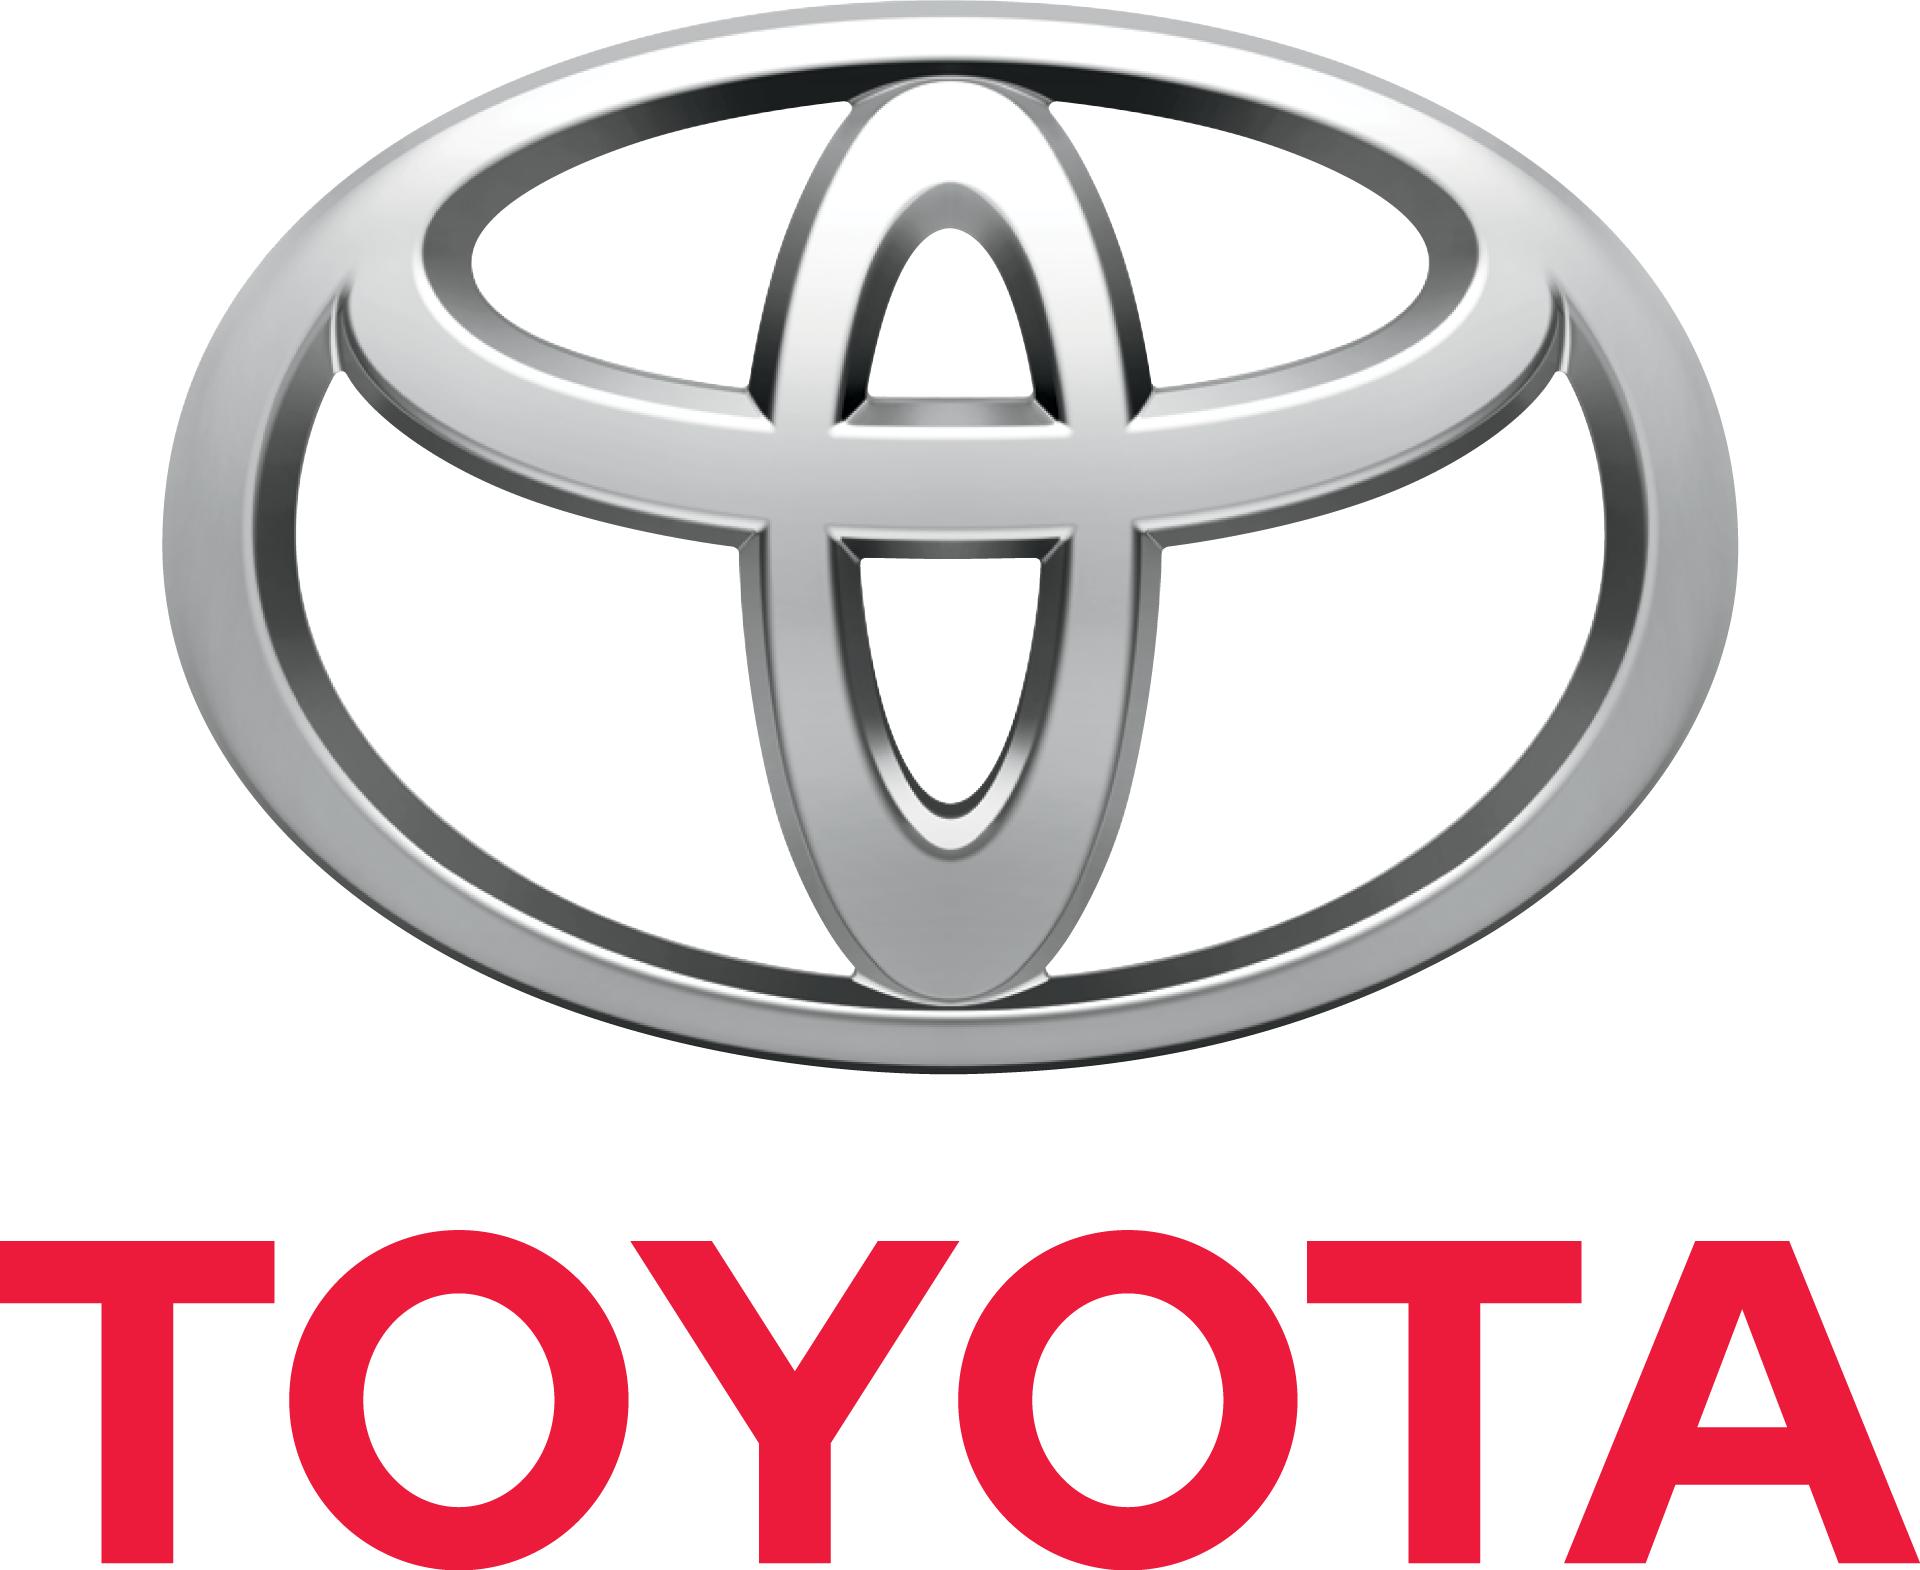 image logo toyota